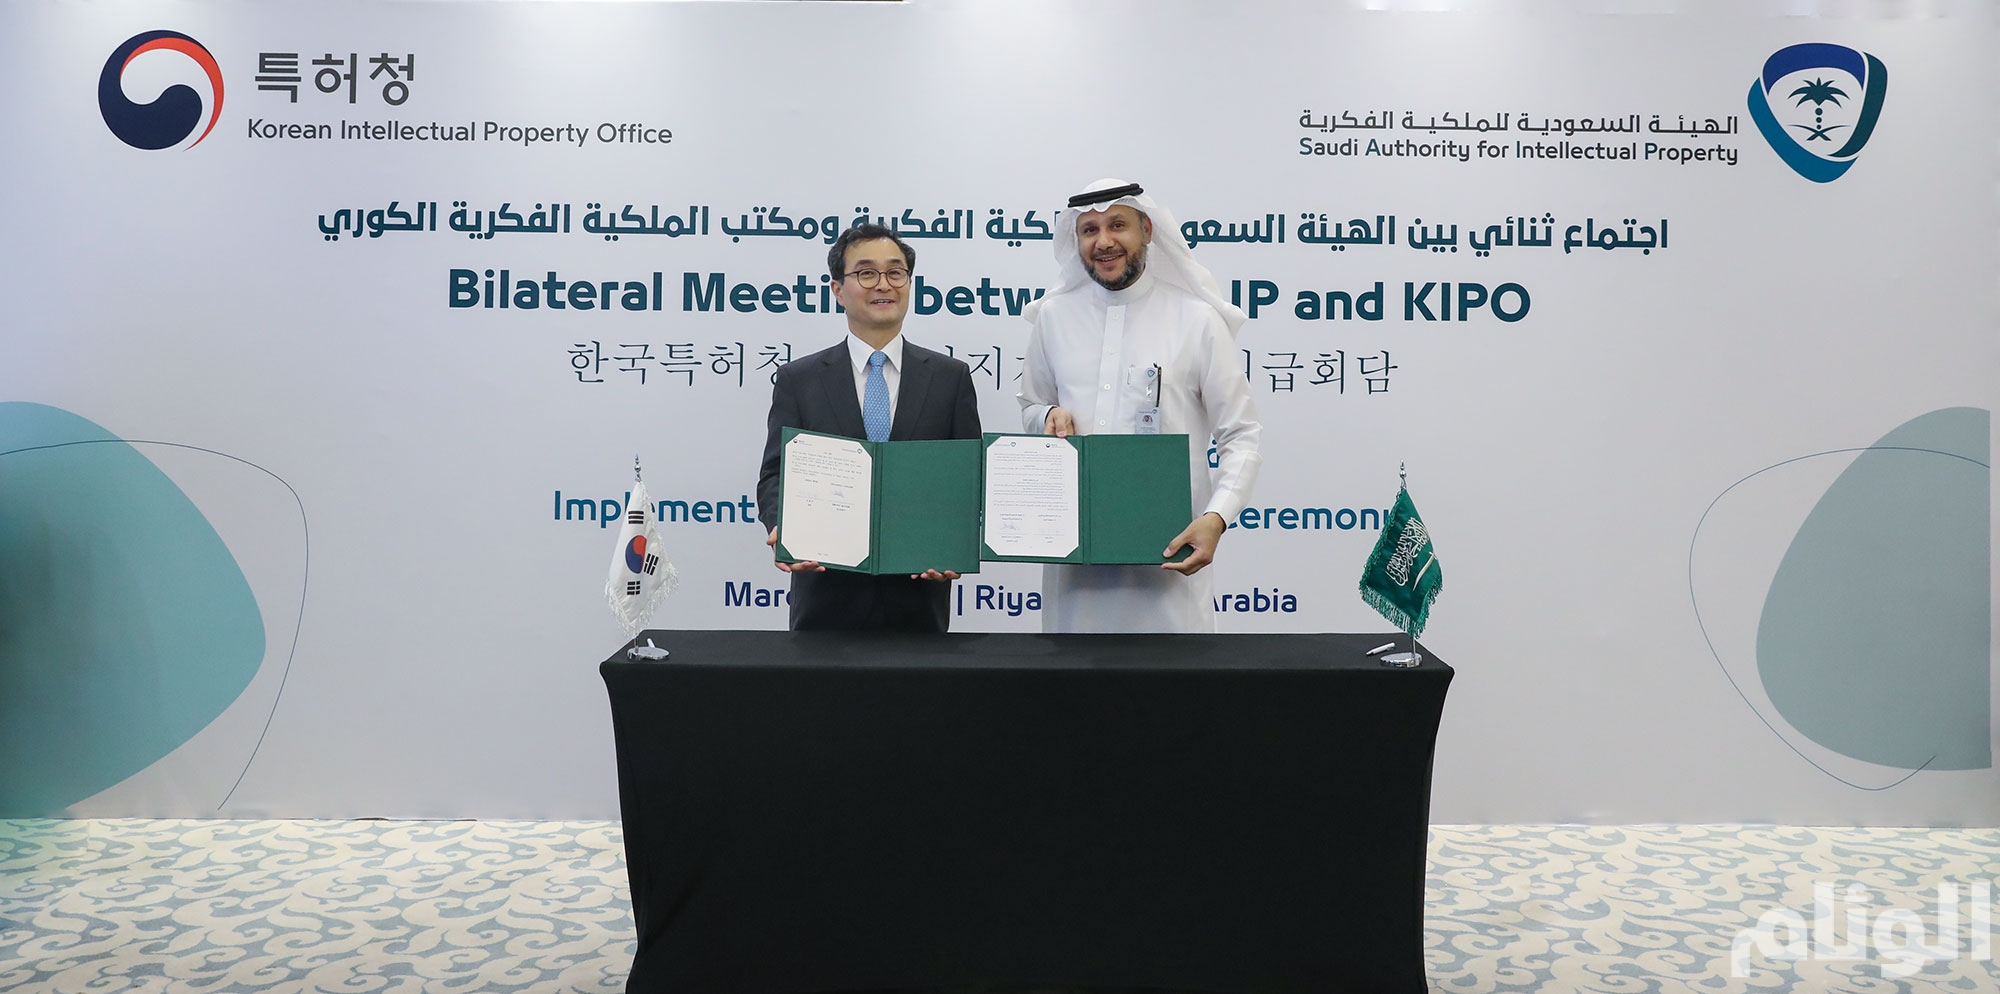 اتفاقية سعودية كورية لبناء قدرات الملكية الفكرية